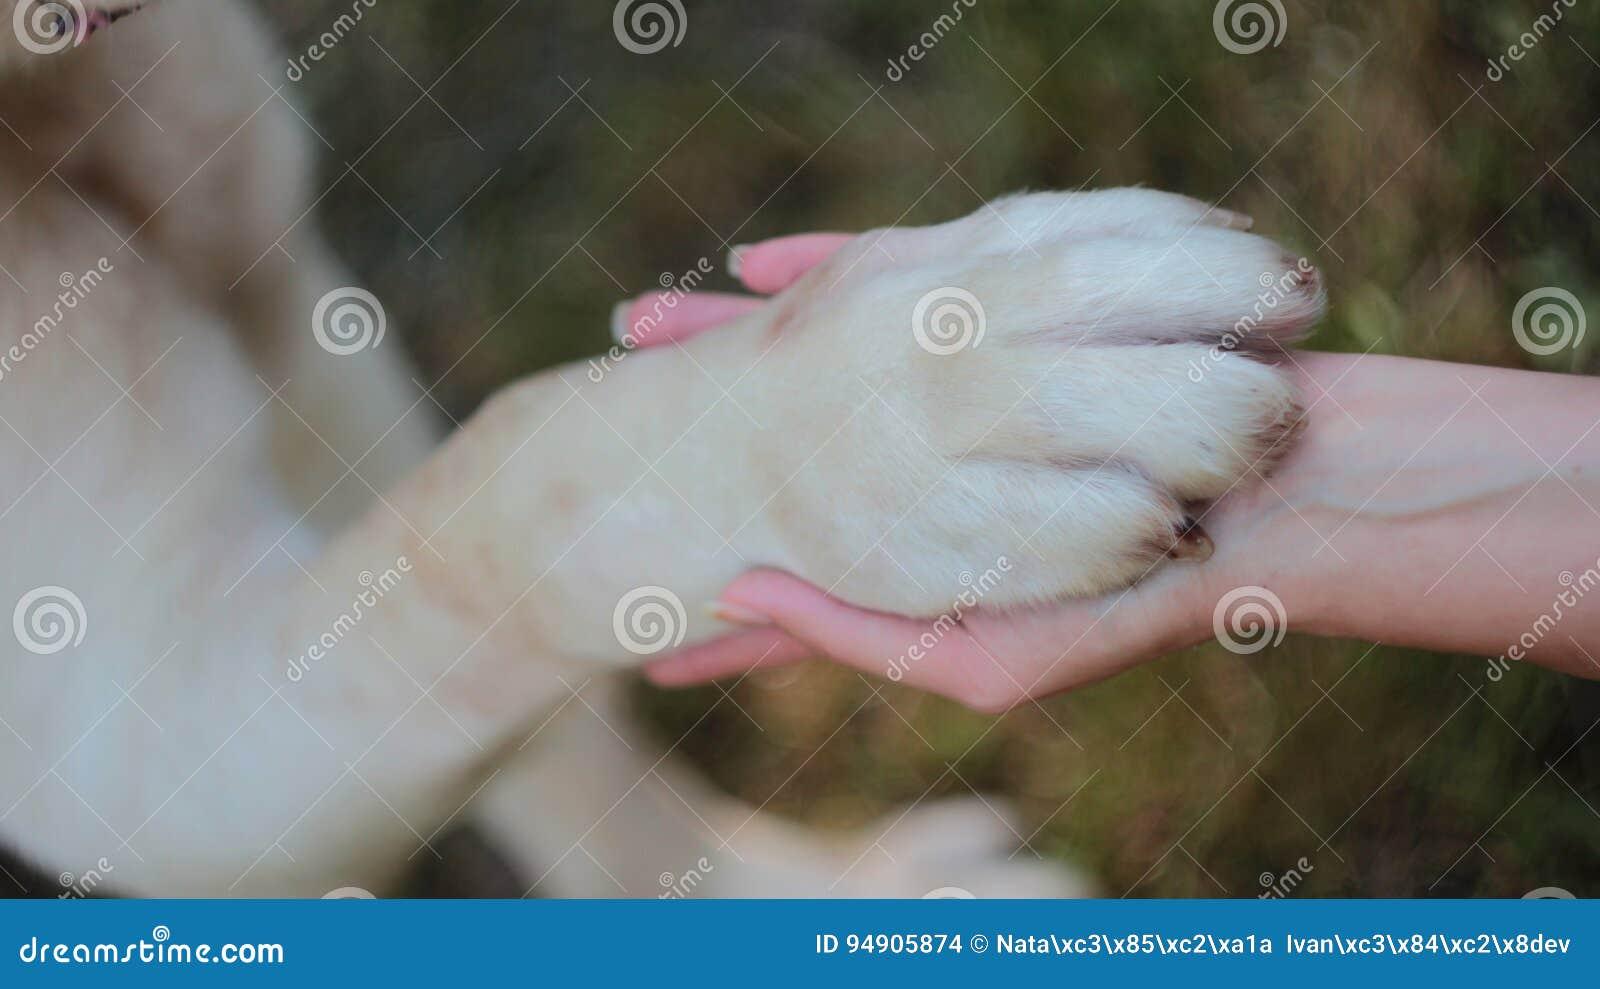 Psia łapa w ręce